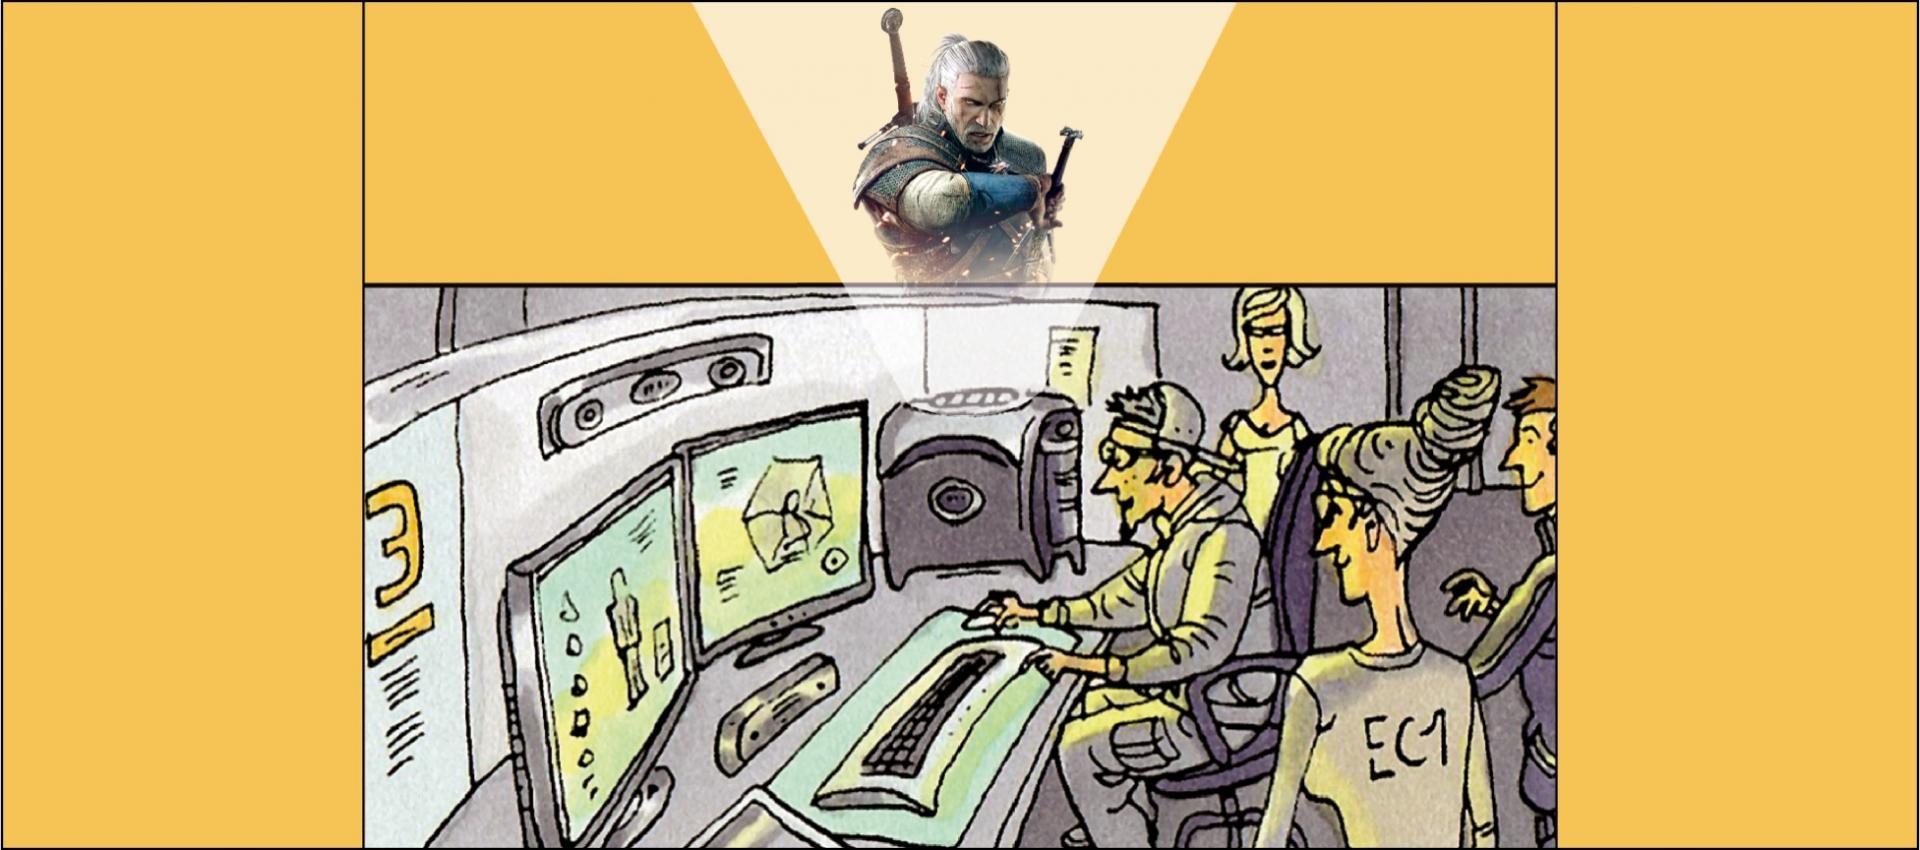 CD Projekt partnerem strategicznym Centrum Komiksu i Narracji Interaktywnej